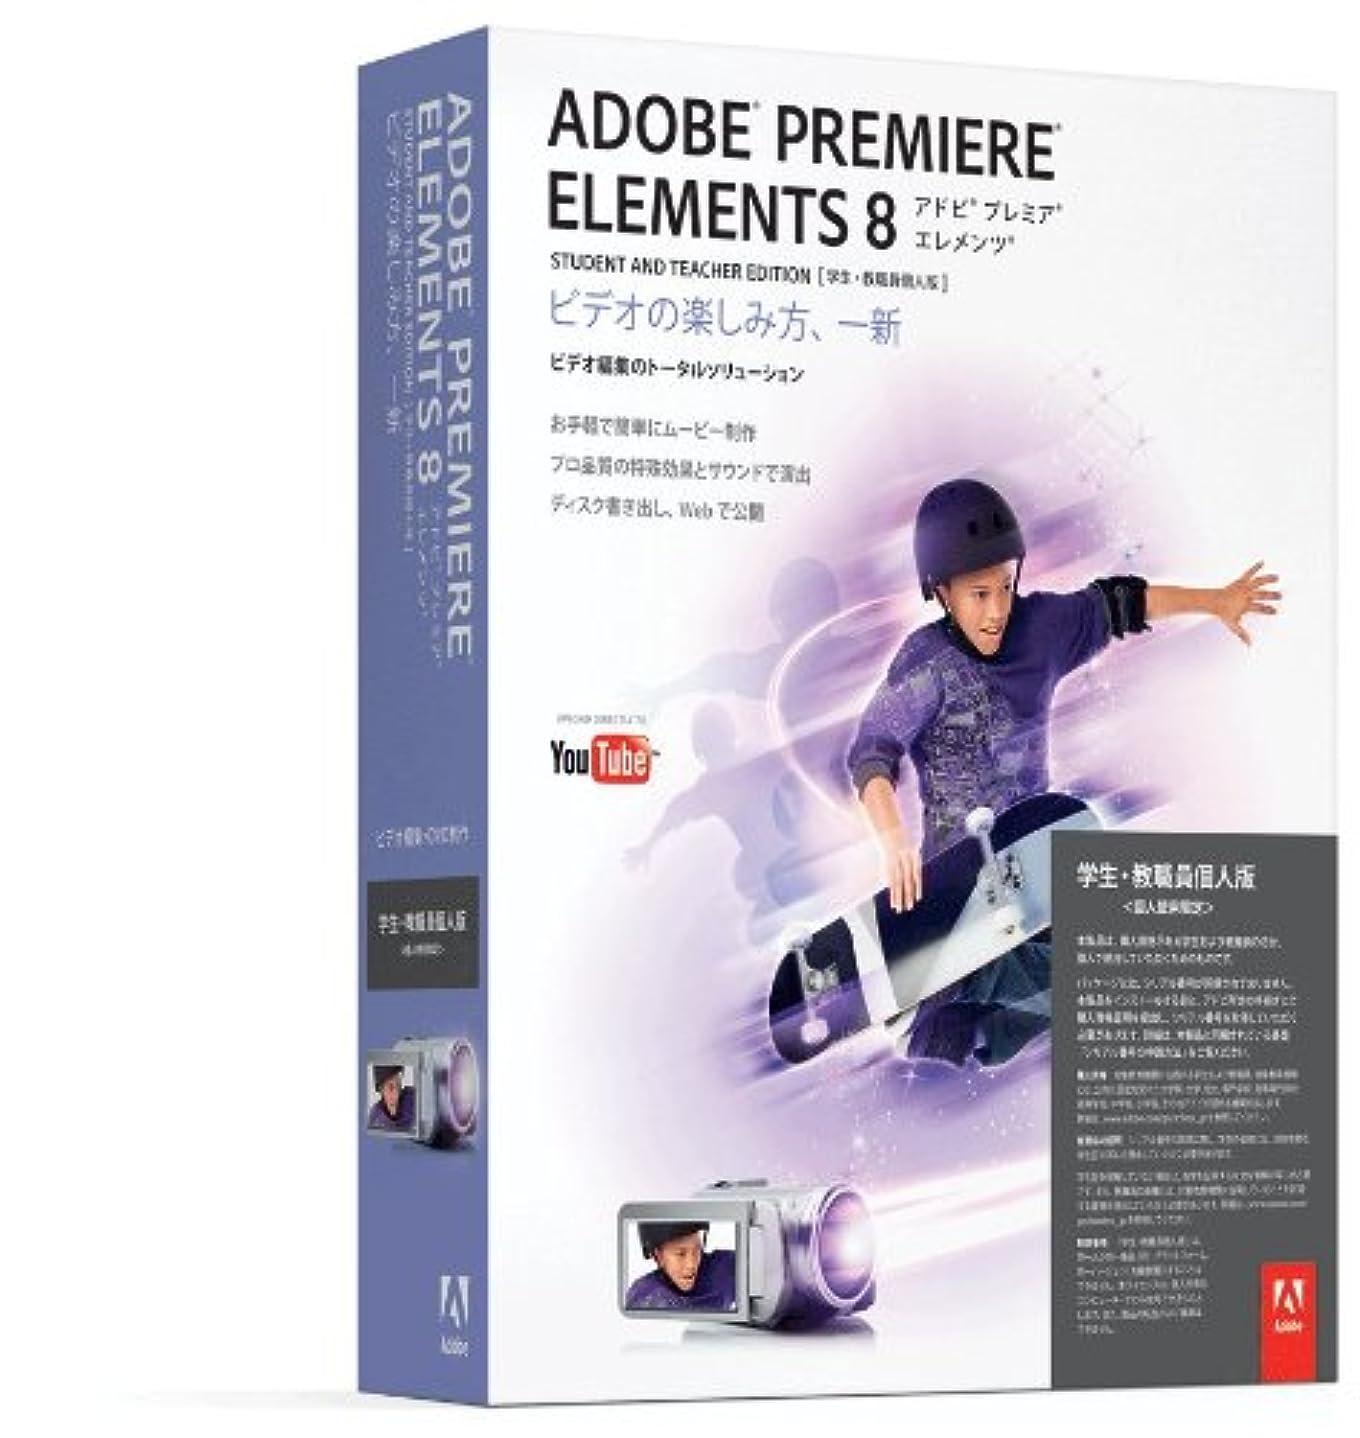 本当にかもめ誓約学生?教職員個人版 Adobe Premiere Elements 8 日本語版 Windows版 (要シリアル番号申請)